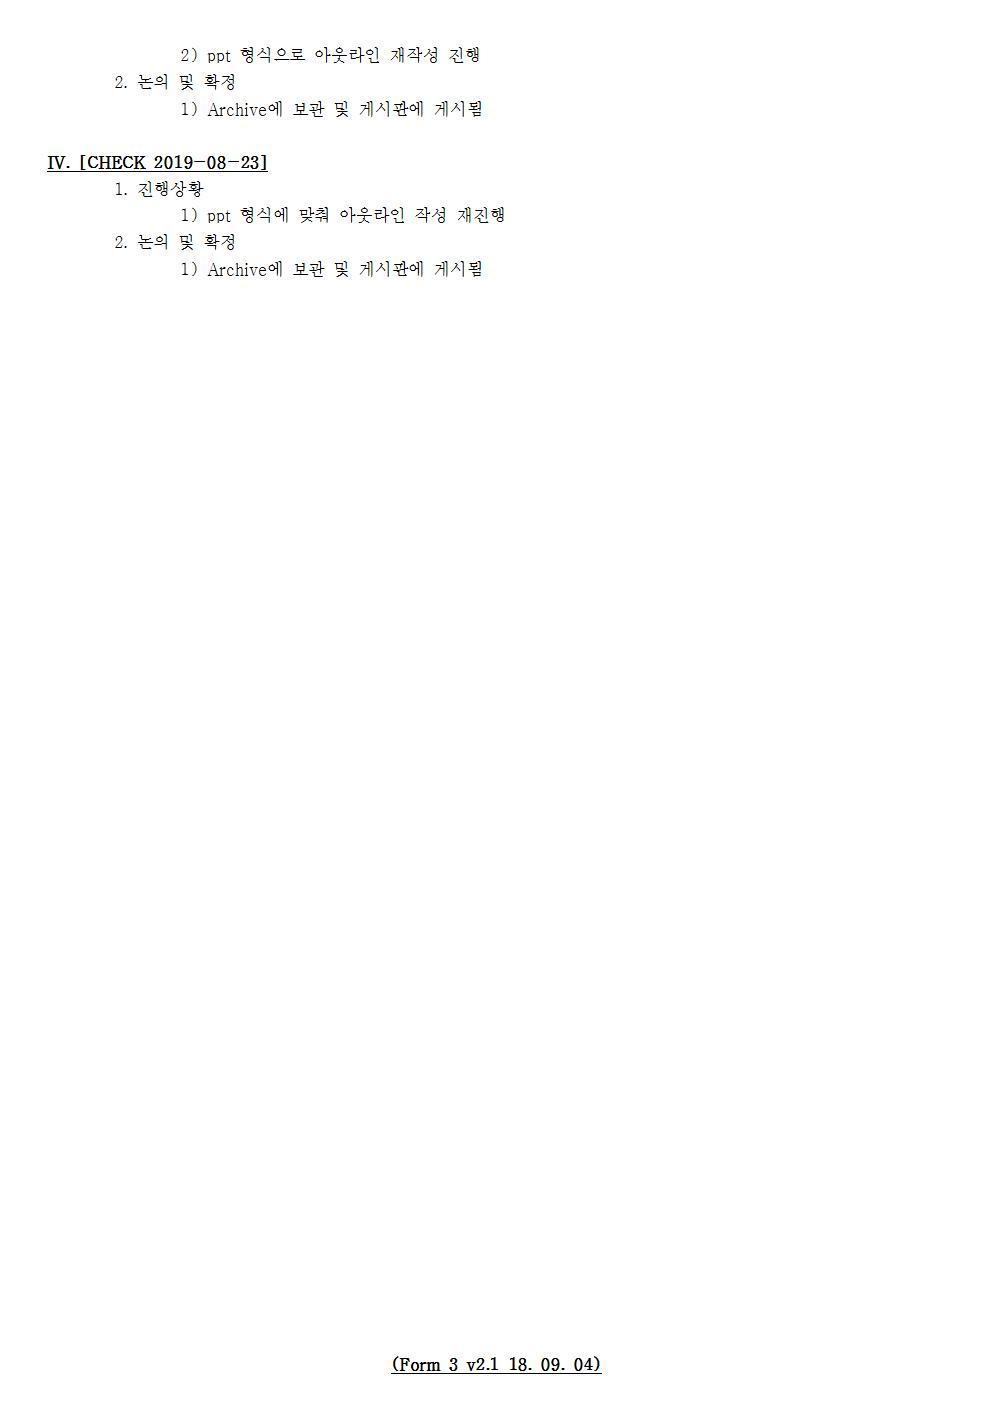 D-[19-010-PP-02]-[PrOse2019]-[2019-08-23][SH]-[19-8-3]-[P+D+C]002.jpg